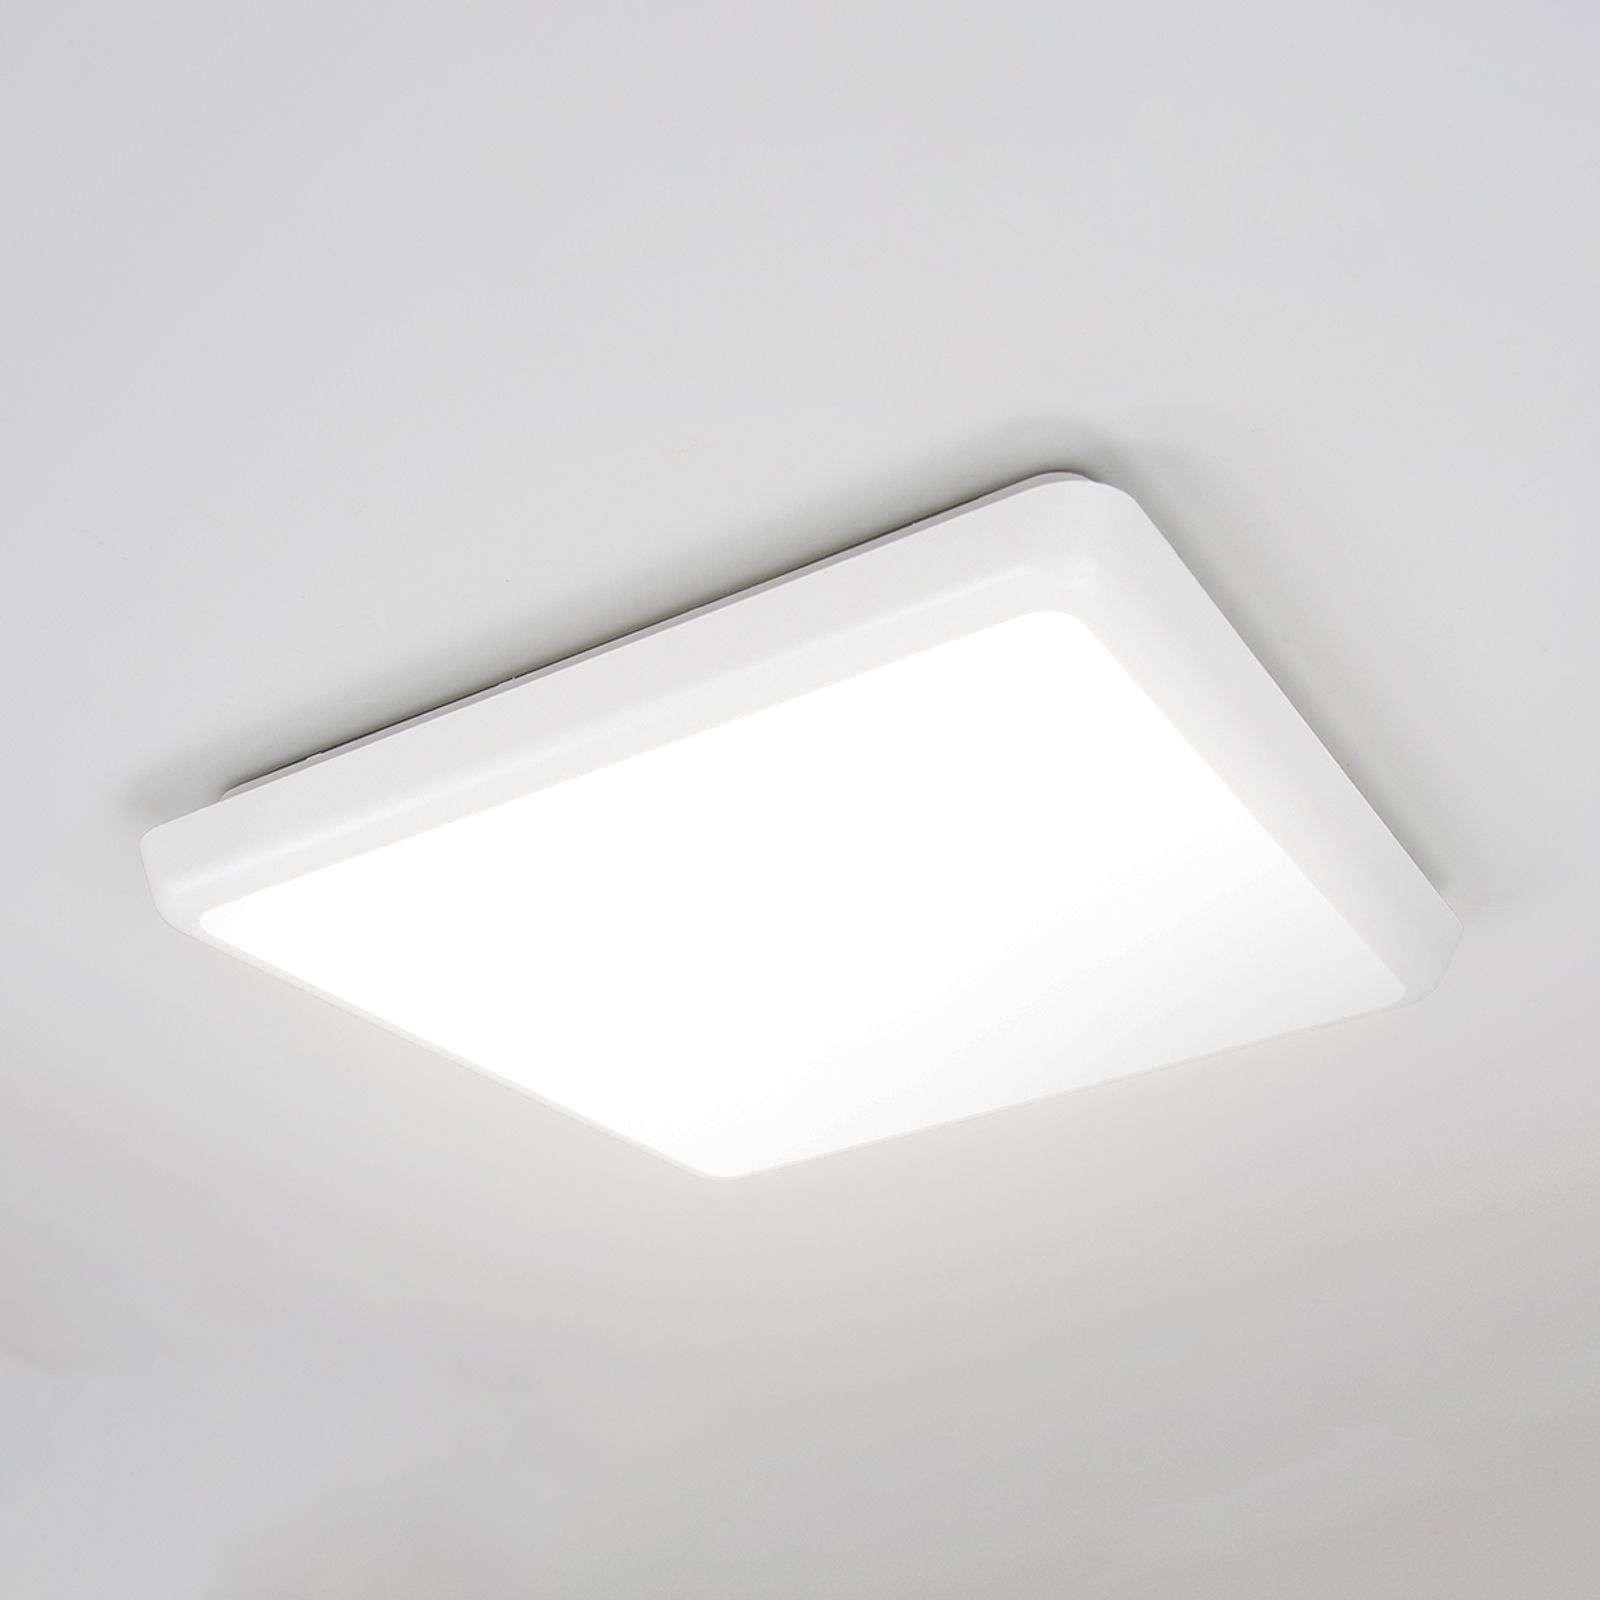 Lampenwelt.com Plafonnier discret Augustin avec LED, IP54 - LAMPENWELT.com